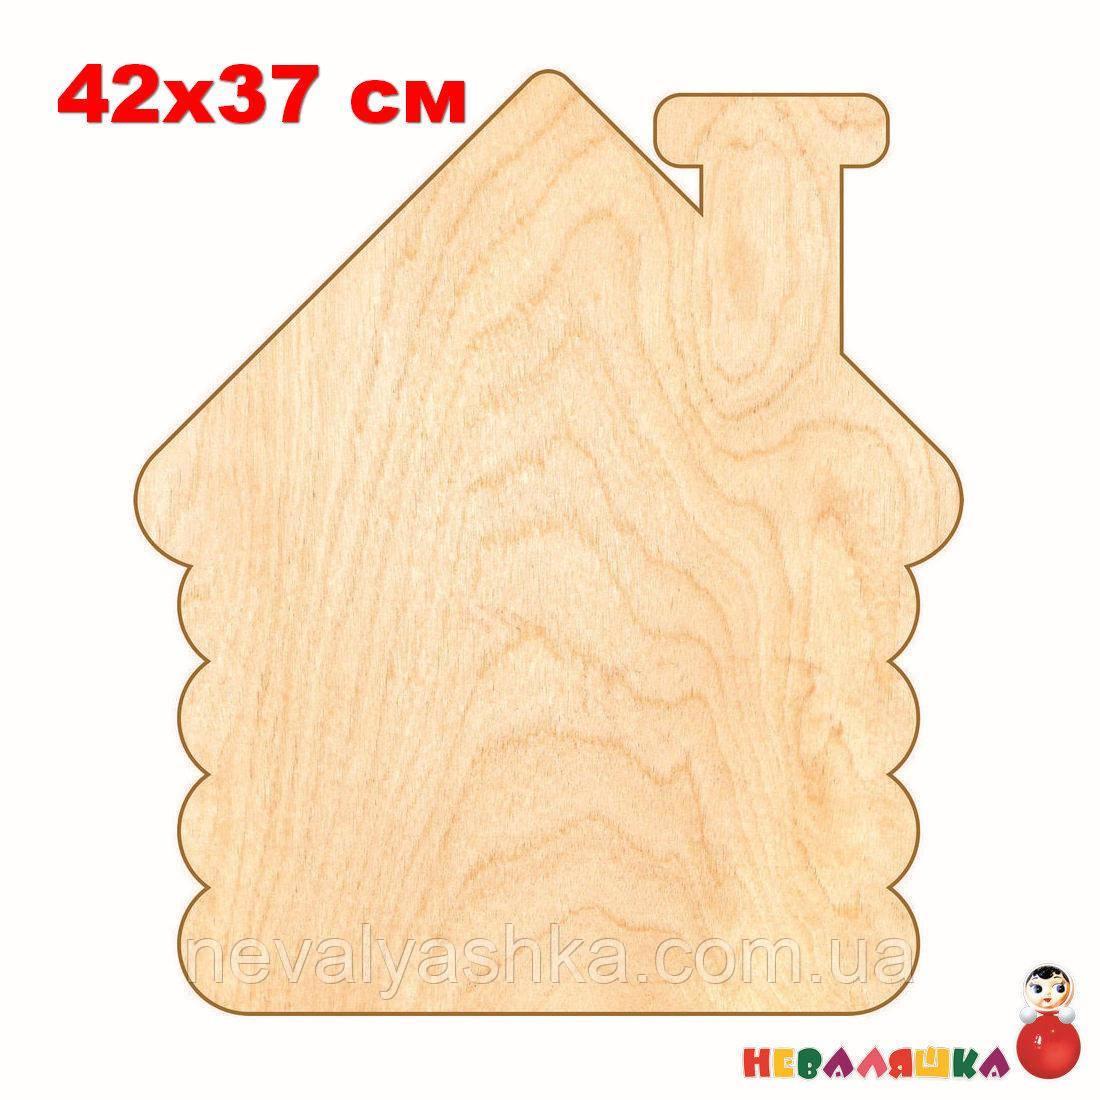 Основа для Бизиборда Домик 42х37 см (фанера 0,8 см) Заготовка Дом Основа для Бізіборда Будиночок ФАНЕРА 8 мм